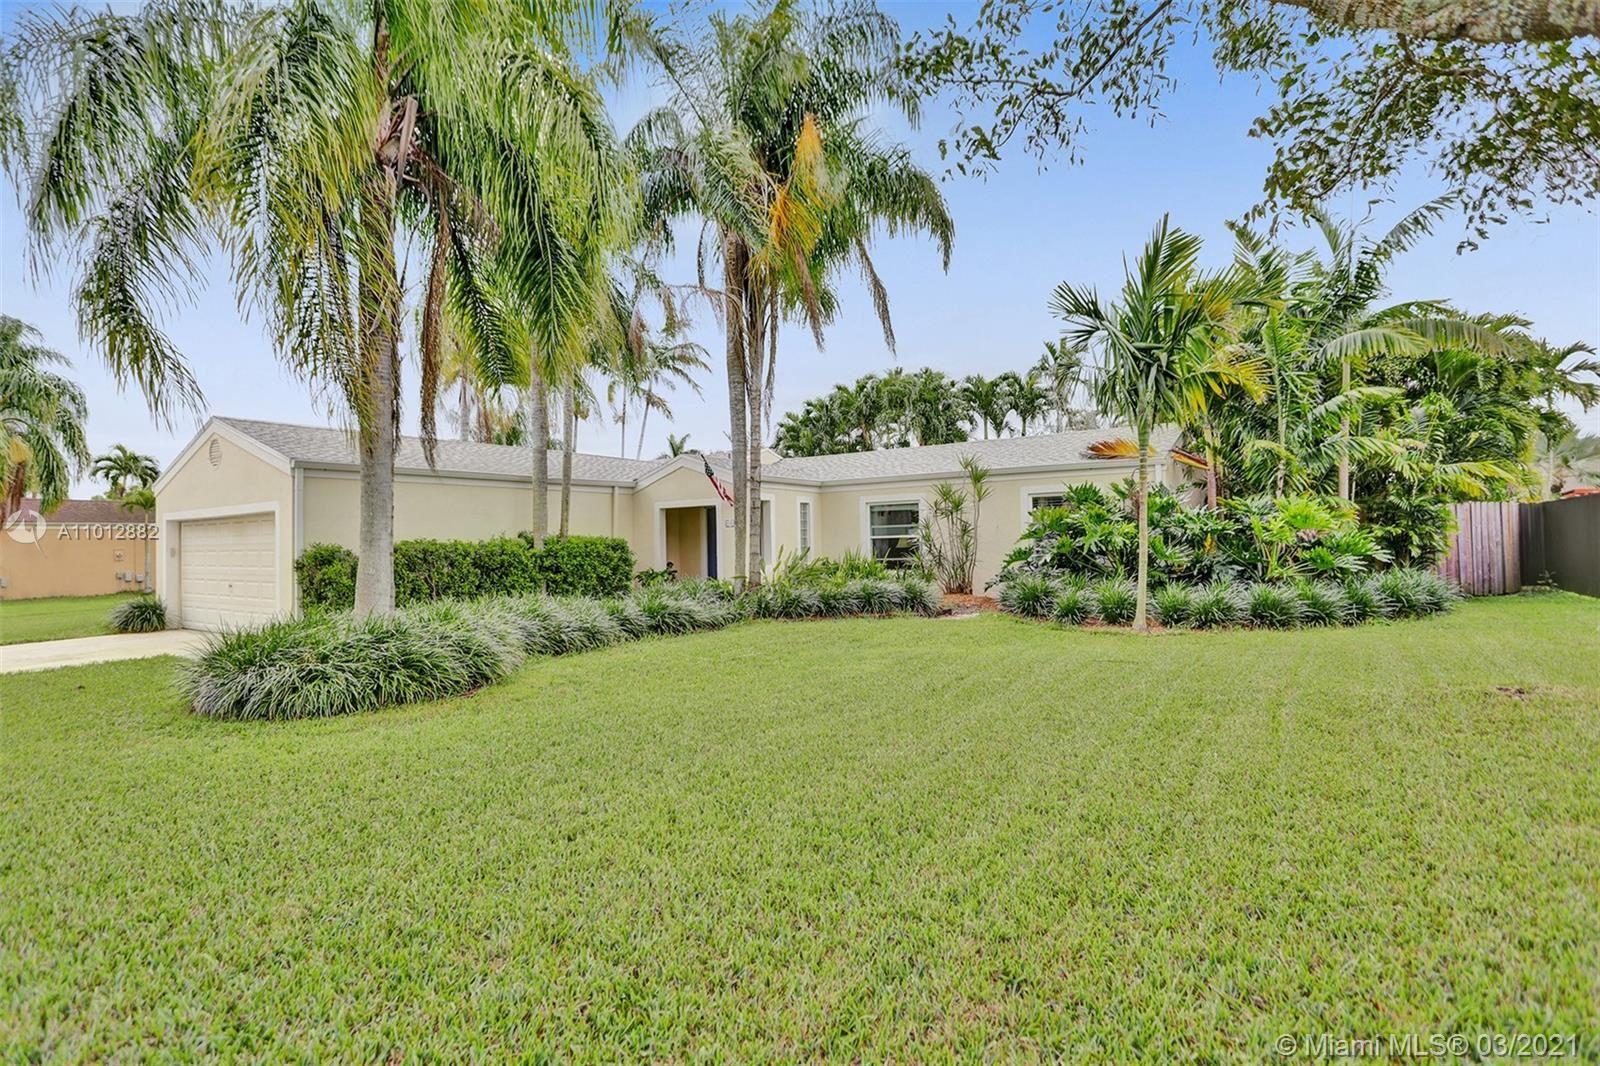 14740 SW 159th St, Miami, FL 33187 - #: A11012882